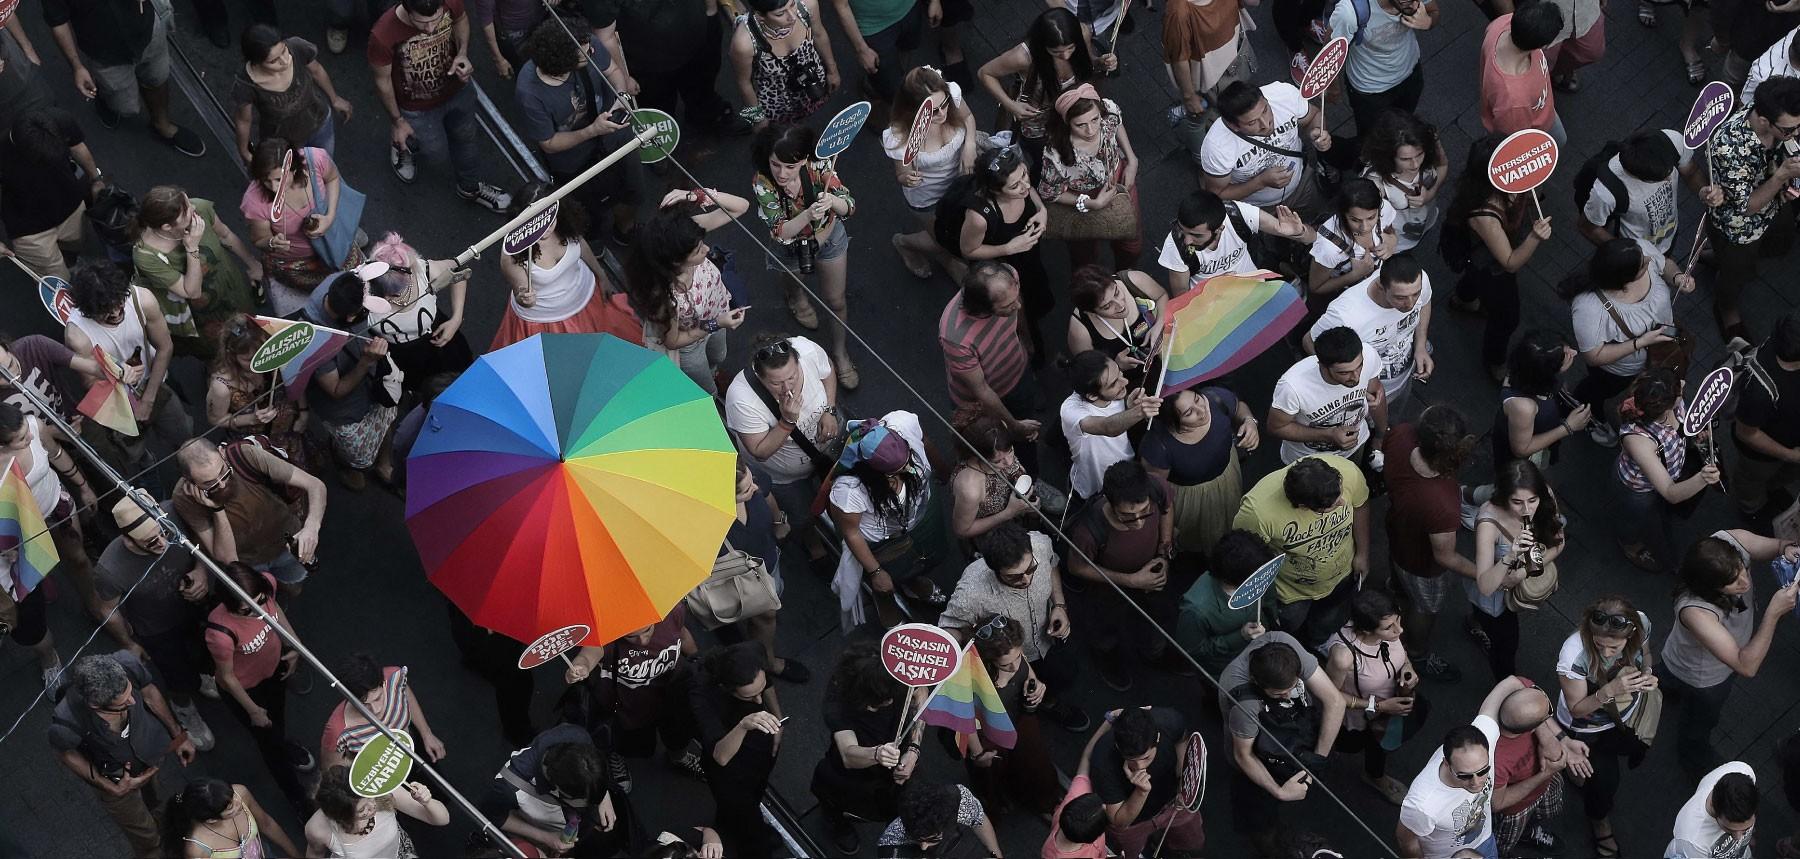 cinsel yönelim fark etmek zorunlu heteroseksüellik biseksüel listelist